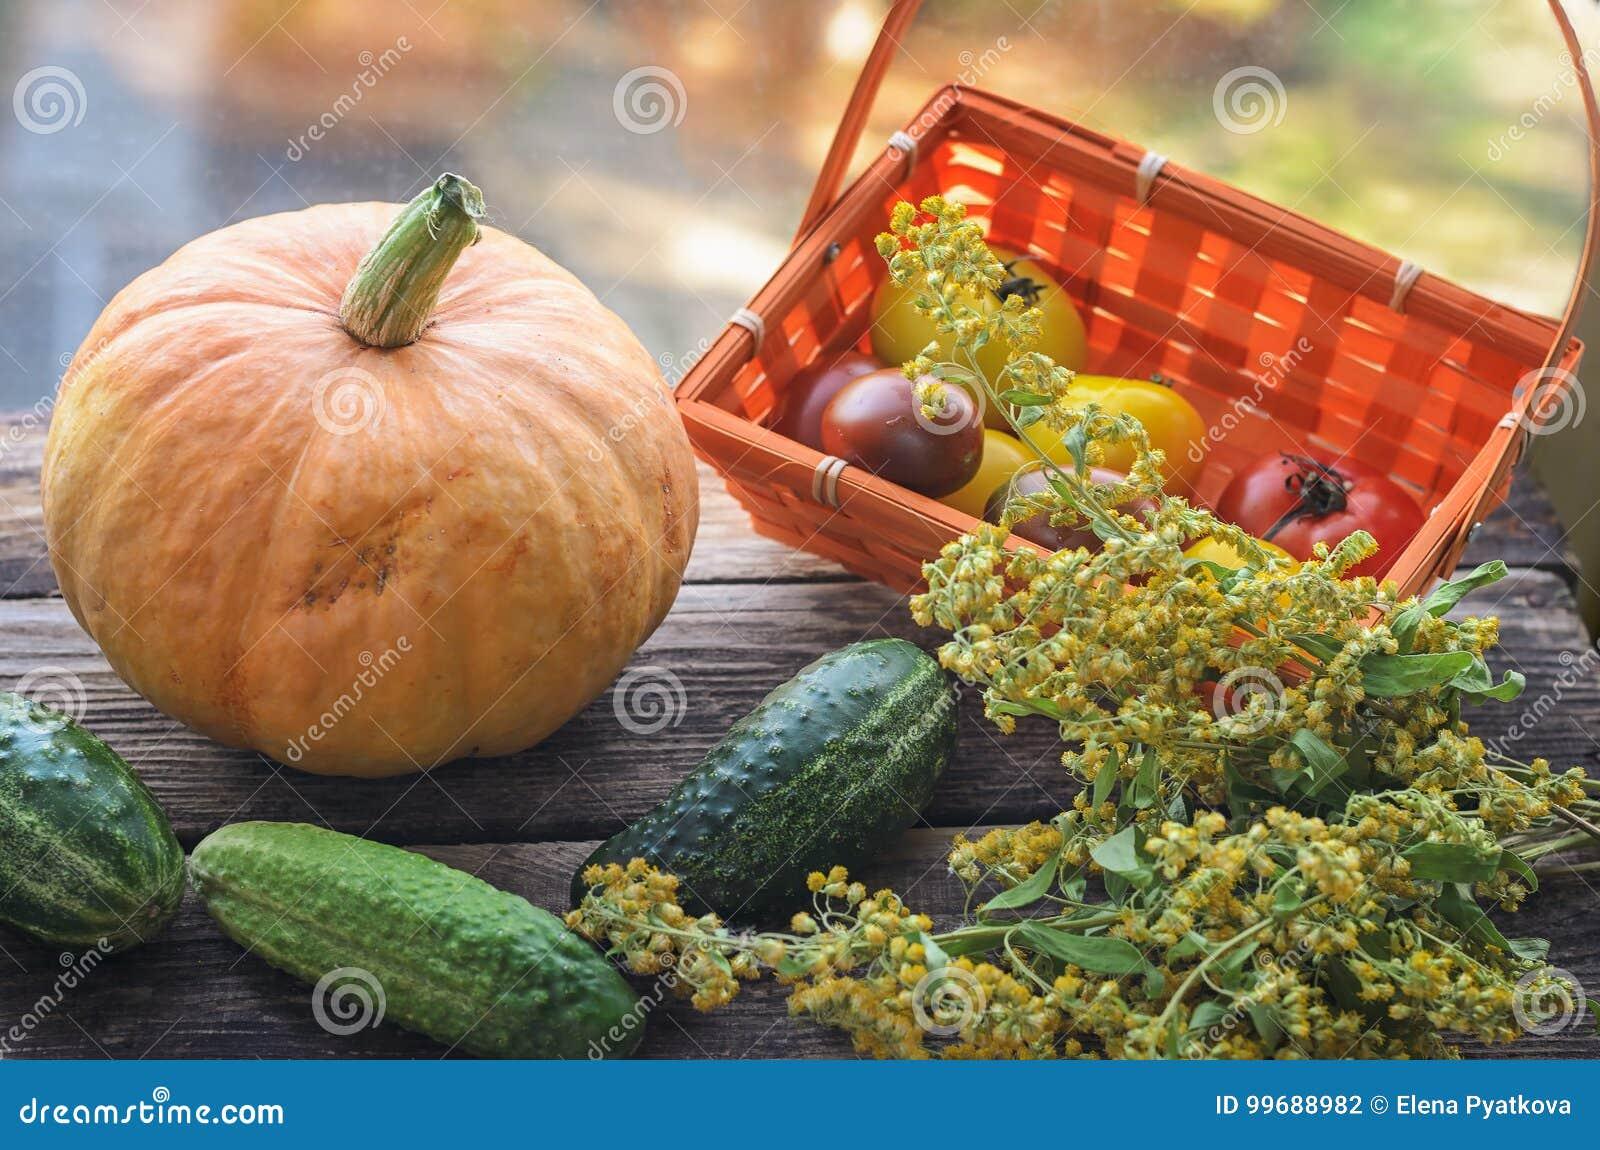 Colheita fresca de tomates vermelhos e amarelos em uma cesta de vime em uma tabela de madeira velha